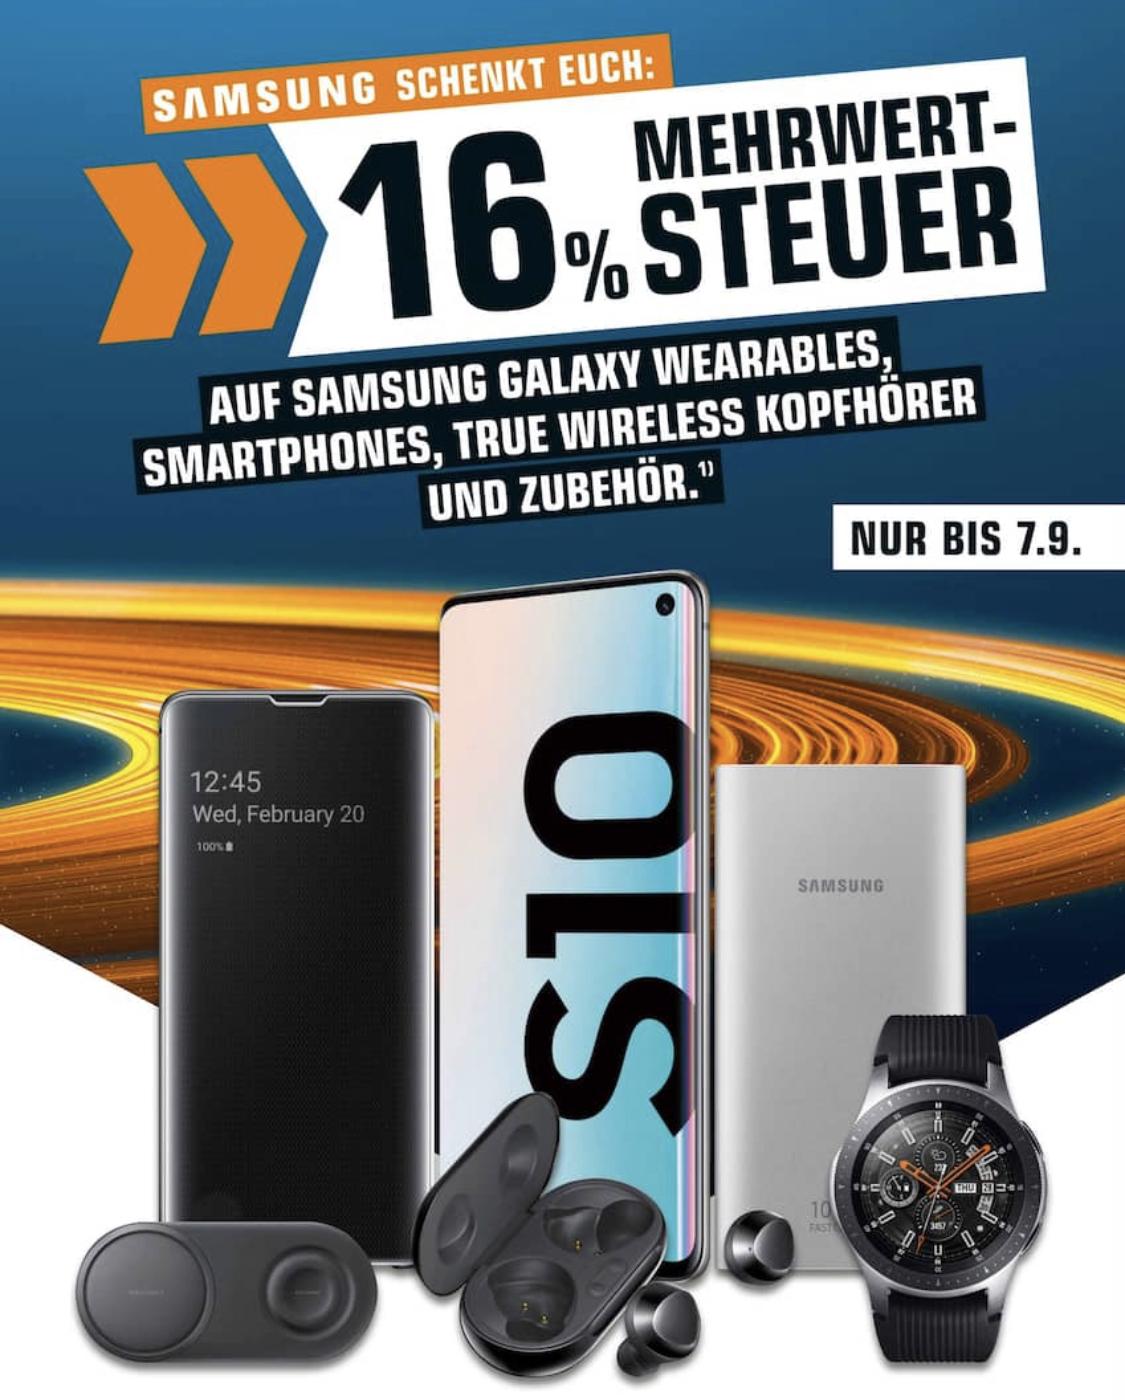 [Saturn & MM] 13,793% Rabatt auf alle sofort verfügbaren Samsung Galaxy Smartphones / Wearables & Kopfhörer: z.B. Galaxy A71 für 308,04€